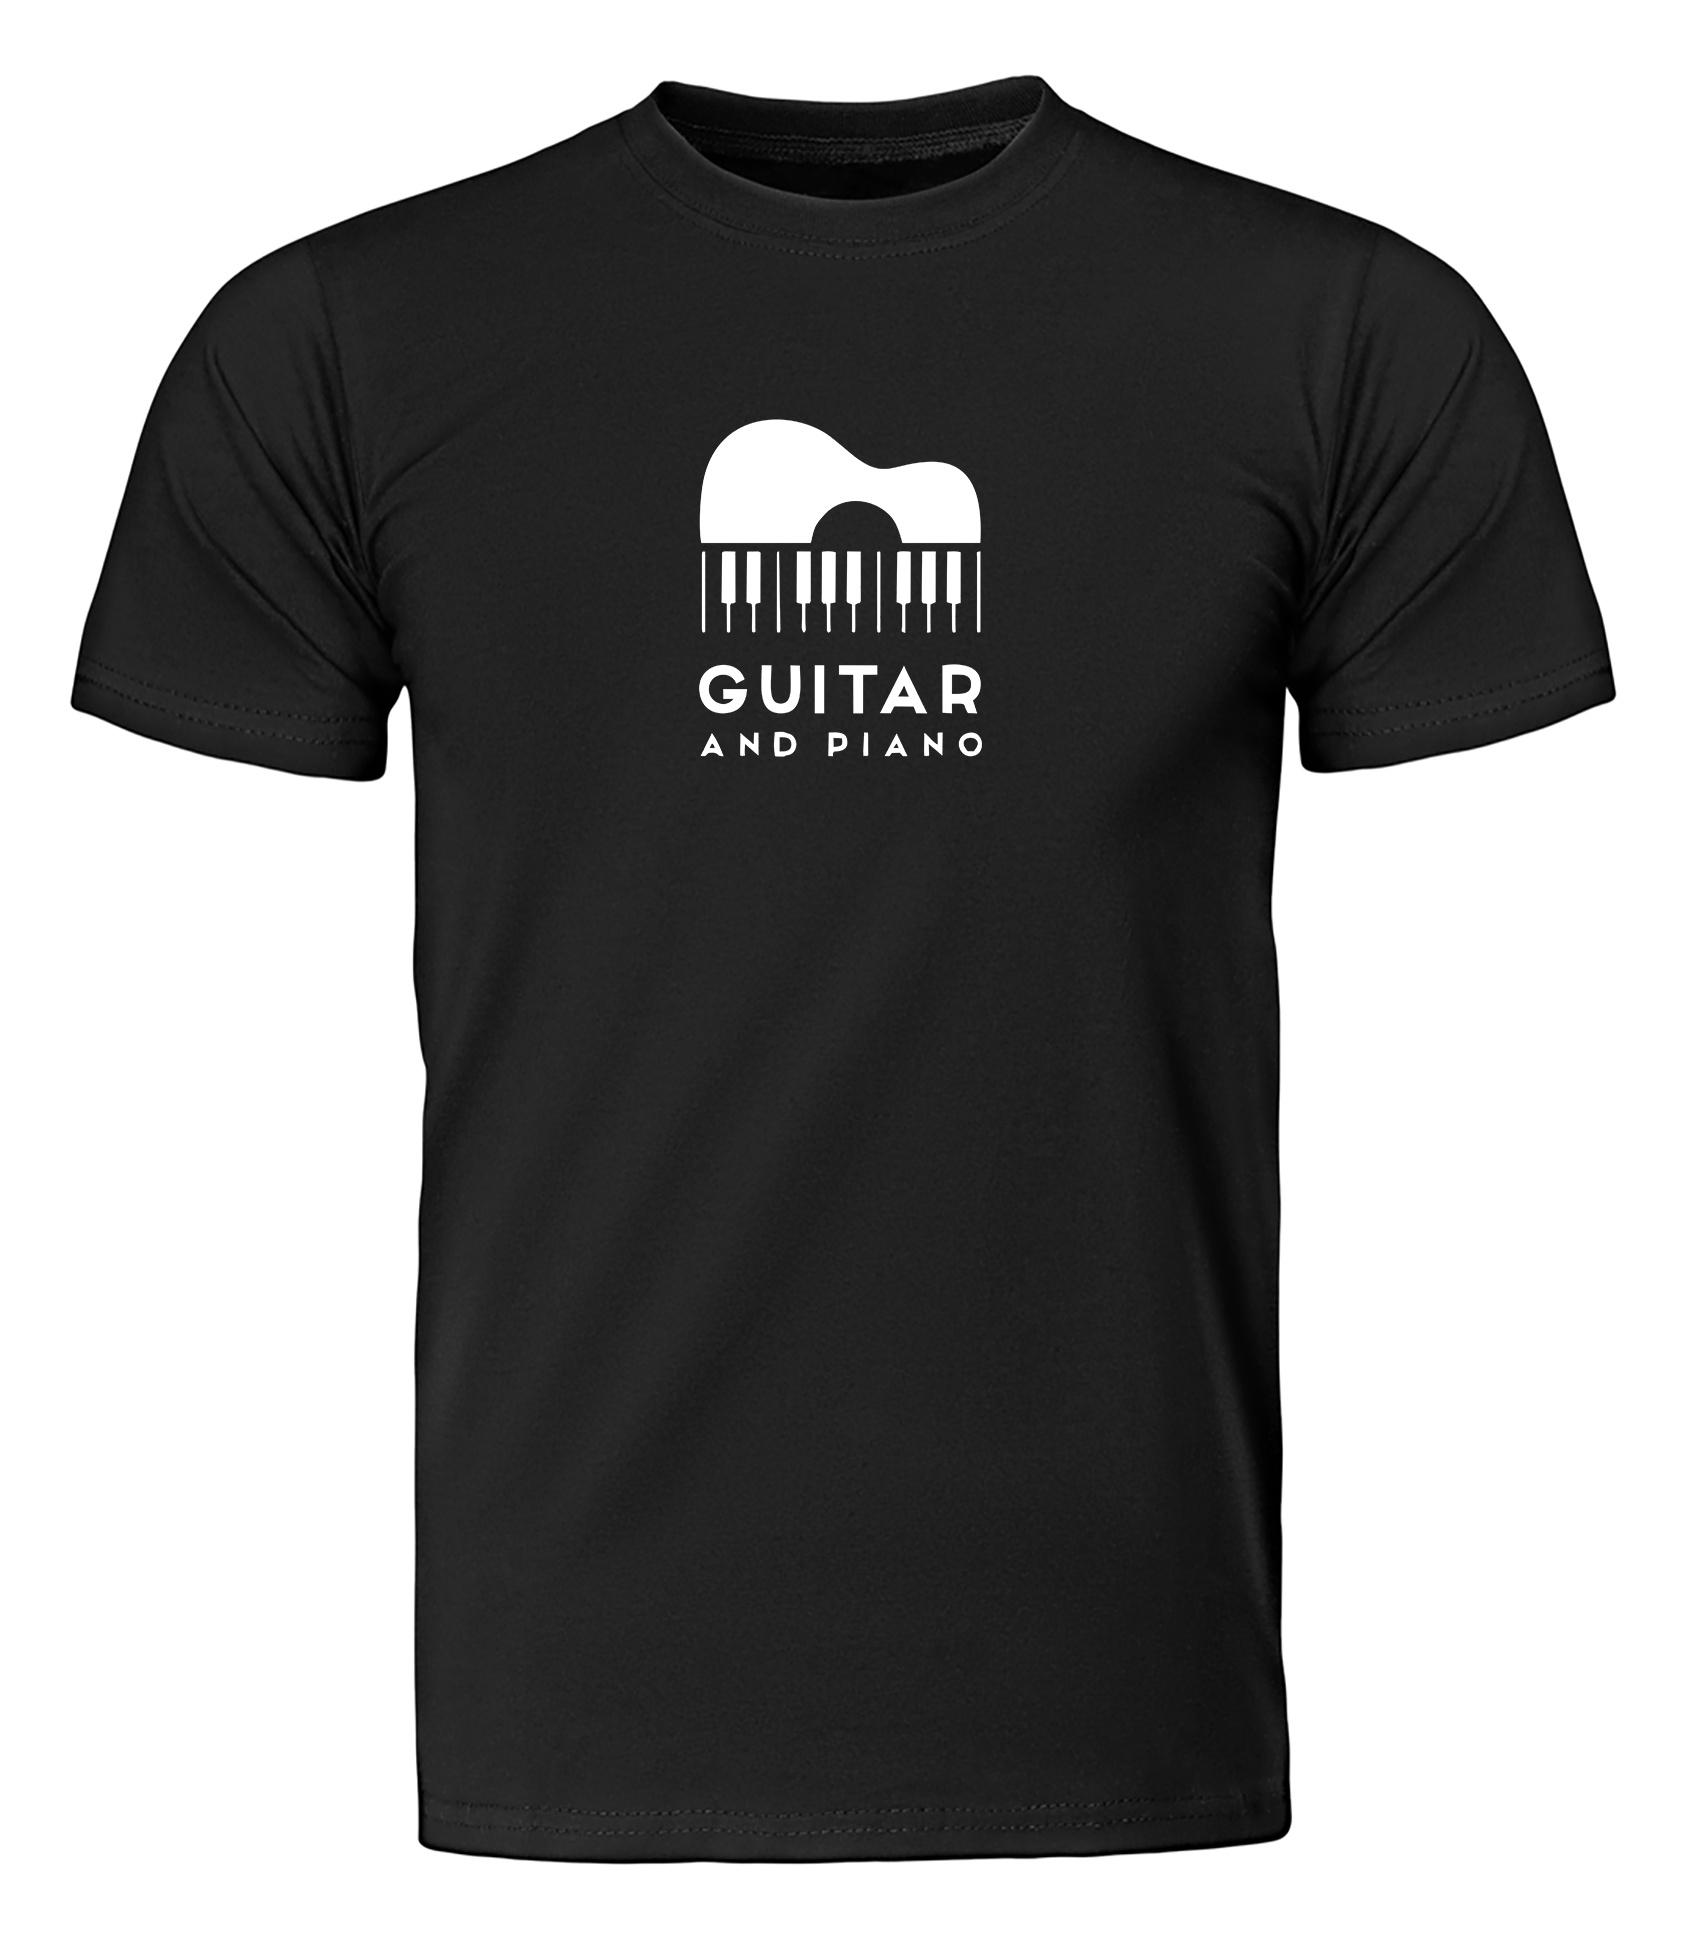 تصویر تی شرت مردانه طرح گیتار و پیانو کد ws98